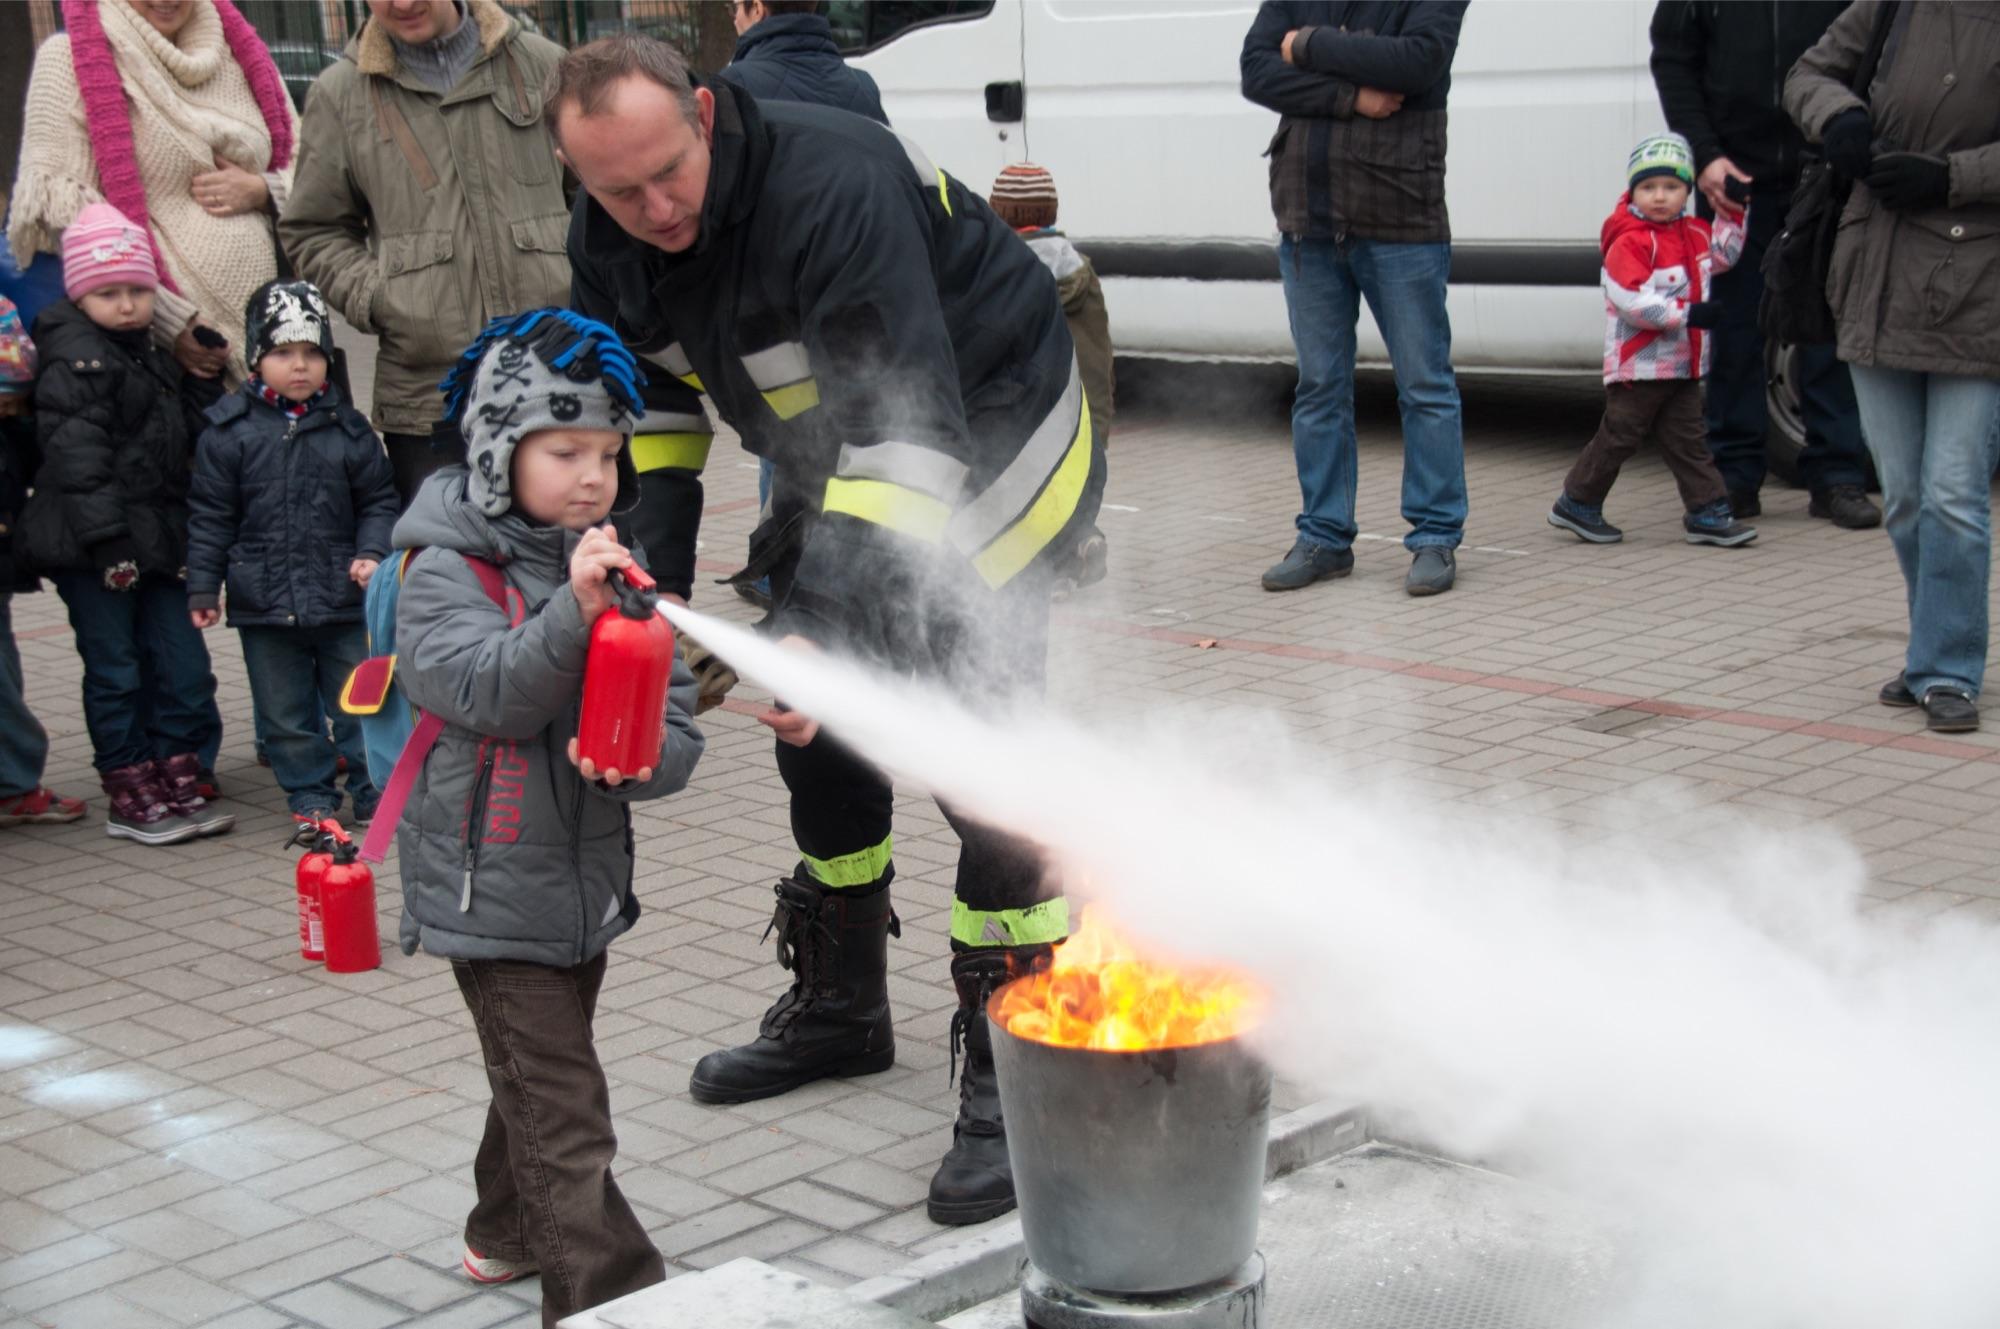 Małe dziecko gasi pożar małą gaśnicą